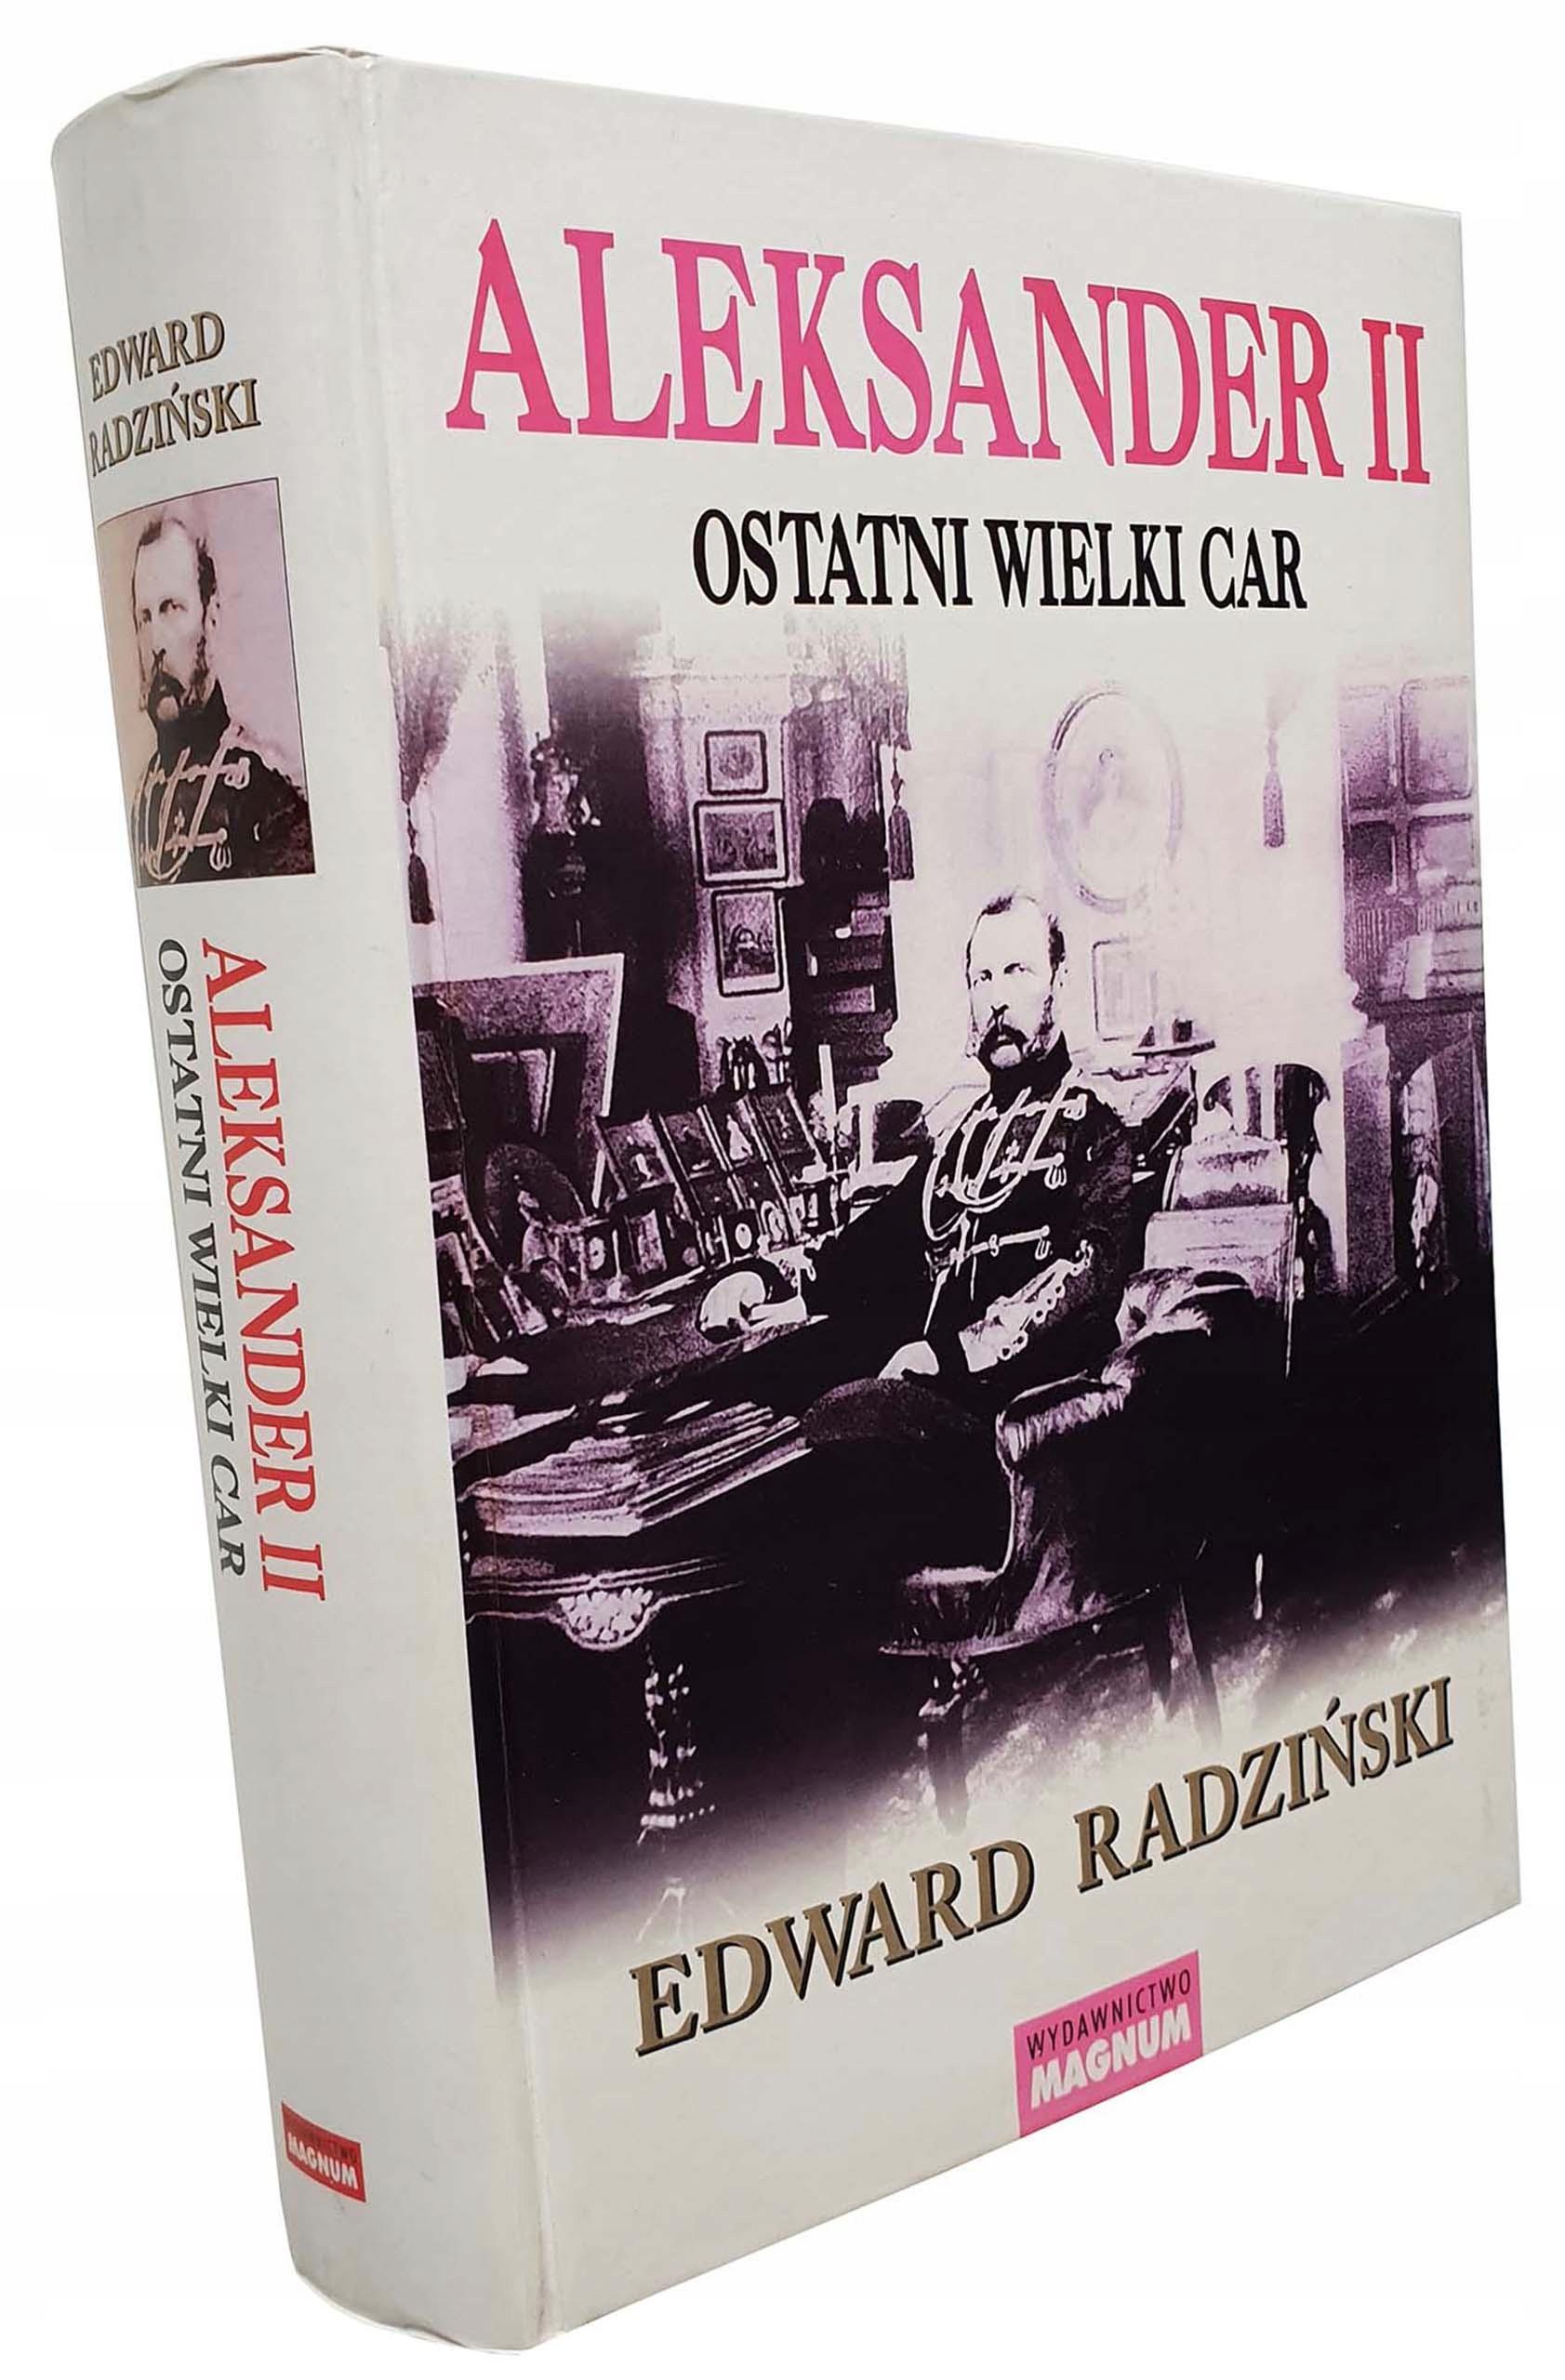 Aleksander II Ostatni wielki car Edward Radziński